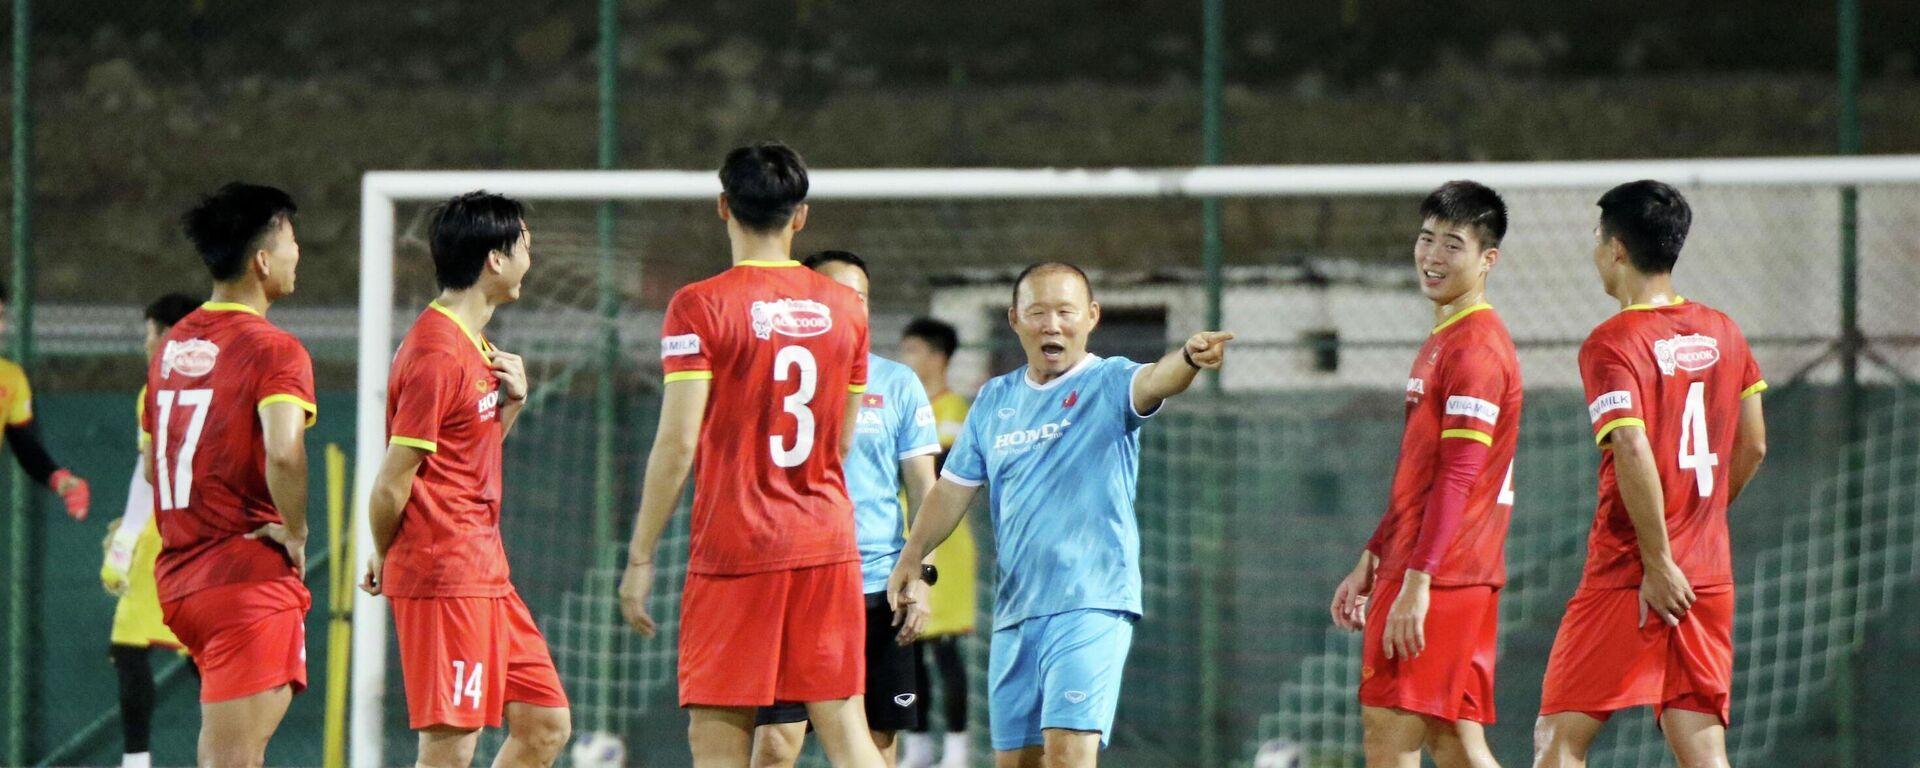 HLV Park Hang Seo chỉ đạo các cầu thủ  - Sputnik Việt Nam, 1920, 11.10.2021